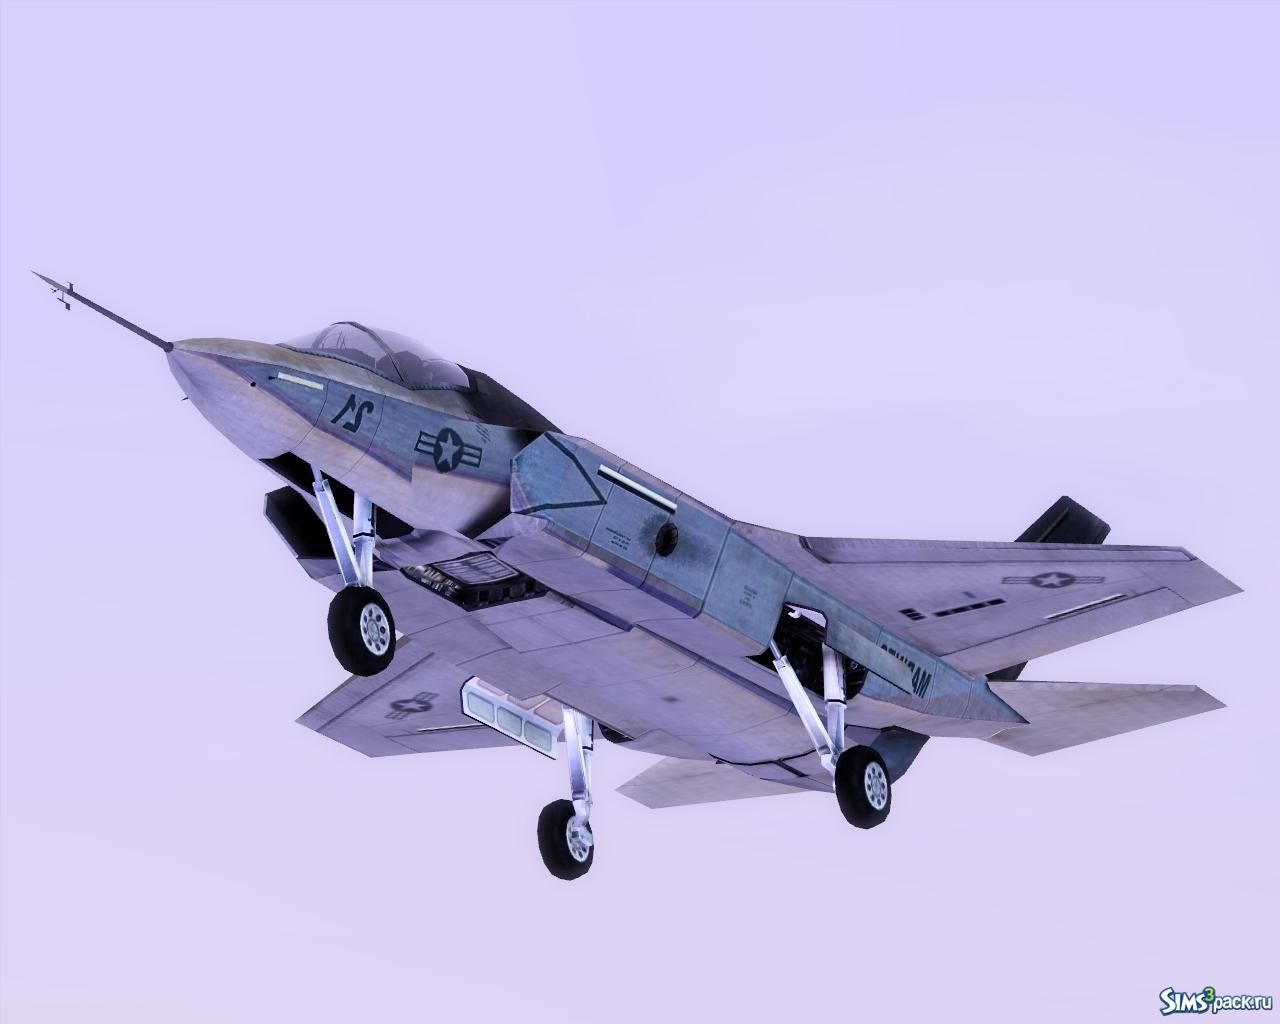 Обои F-35, lightning ii, истребитель, бомбардировщик, суша. Авиация foto 15